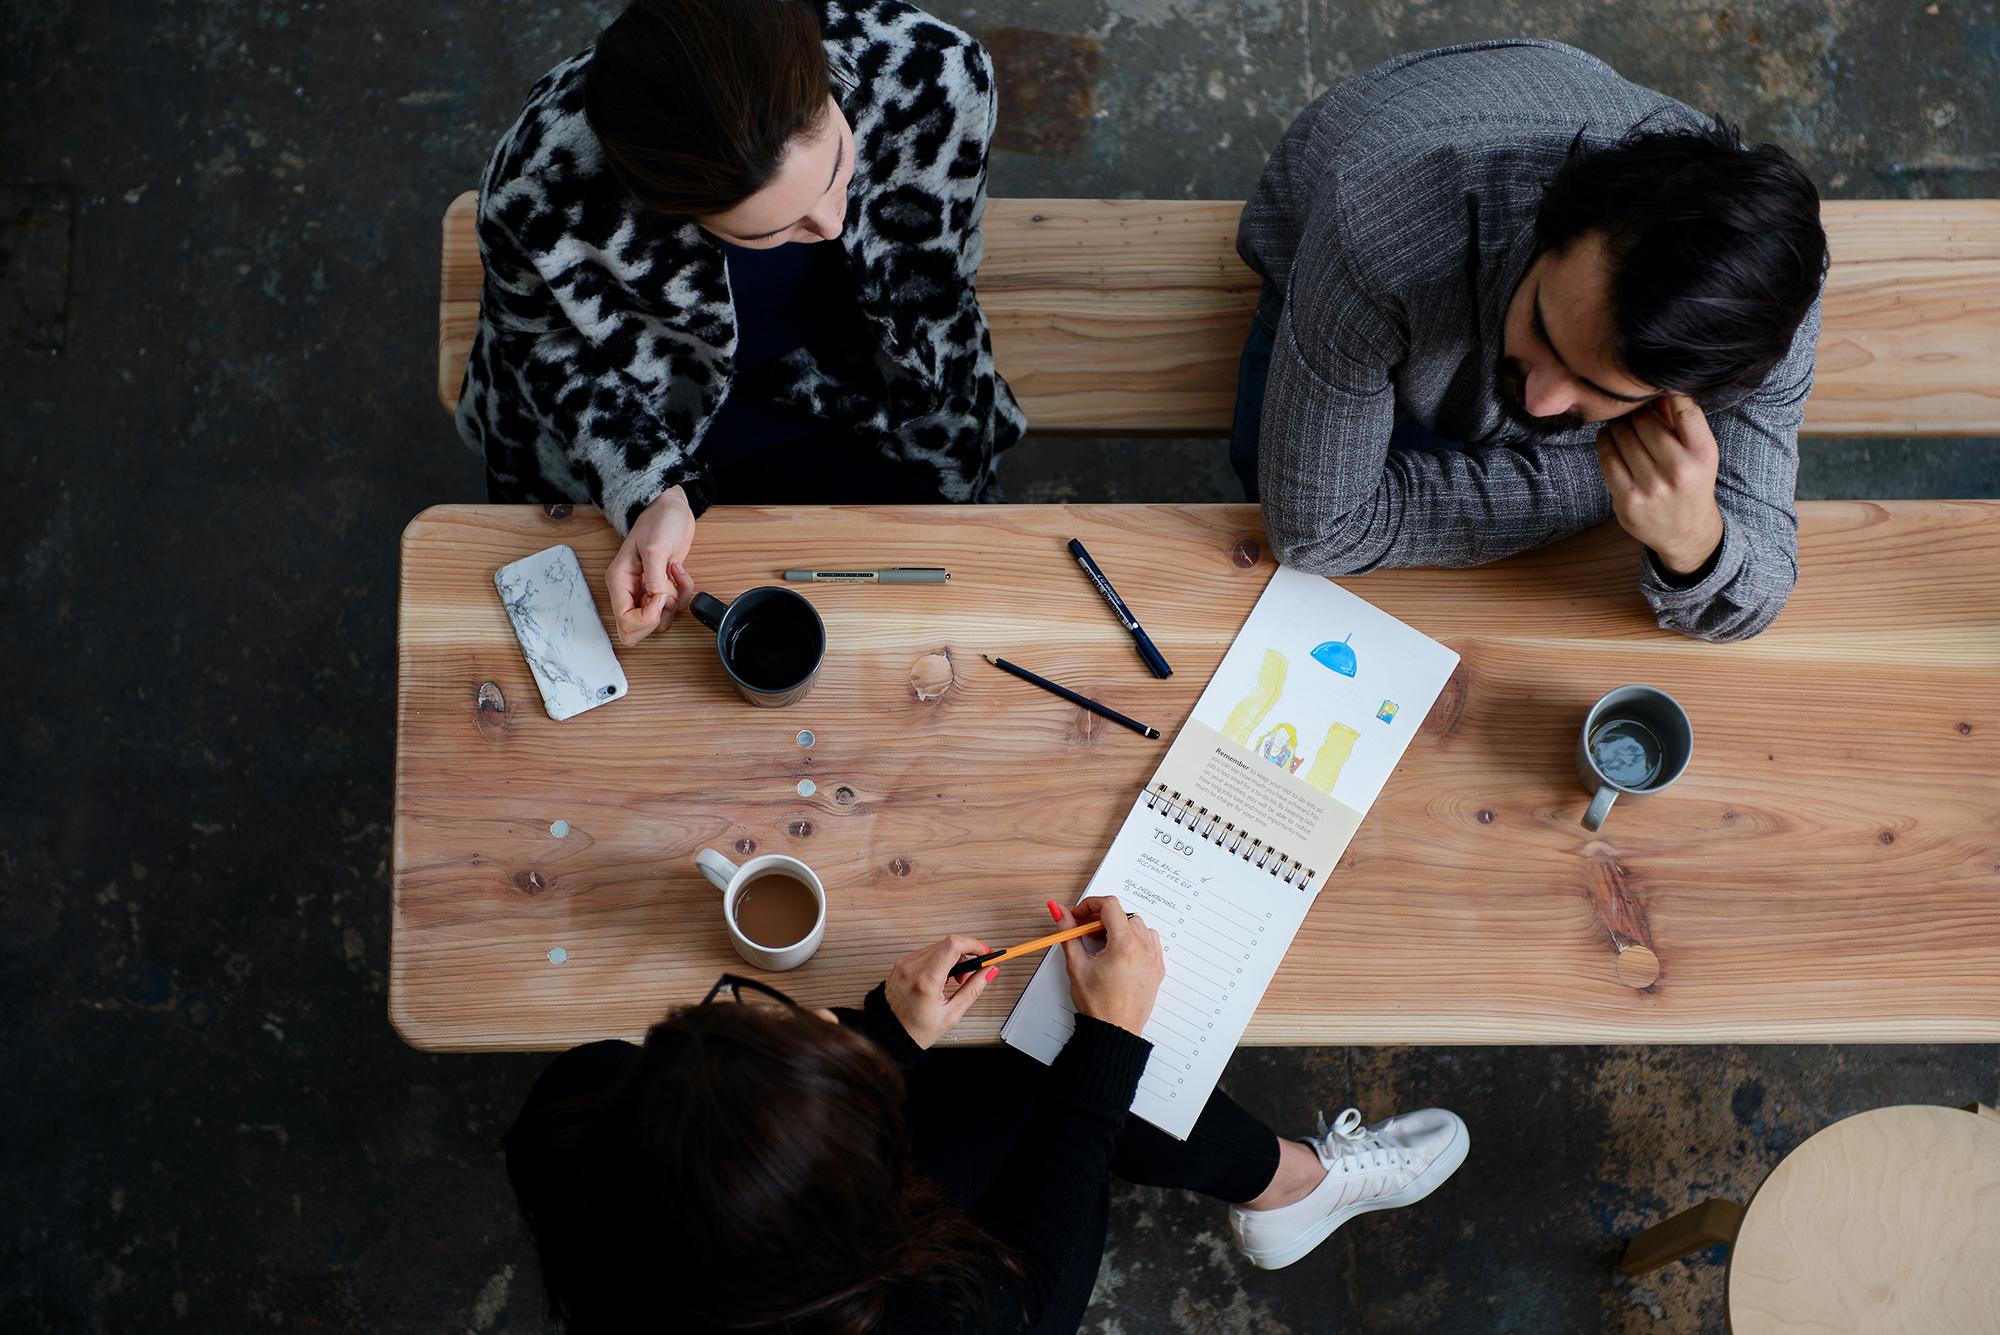 Doodl-Notebook-for-startups-RCF-4.jpg